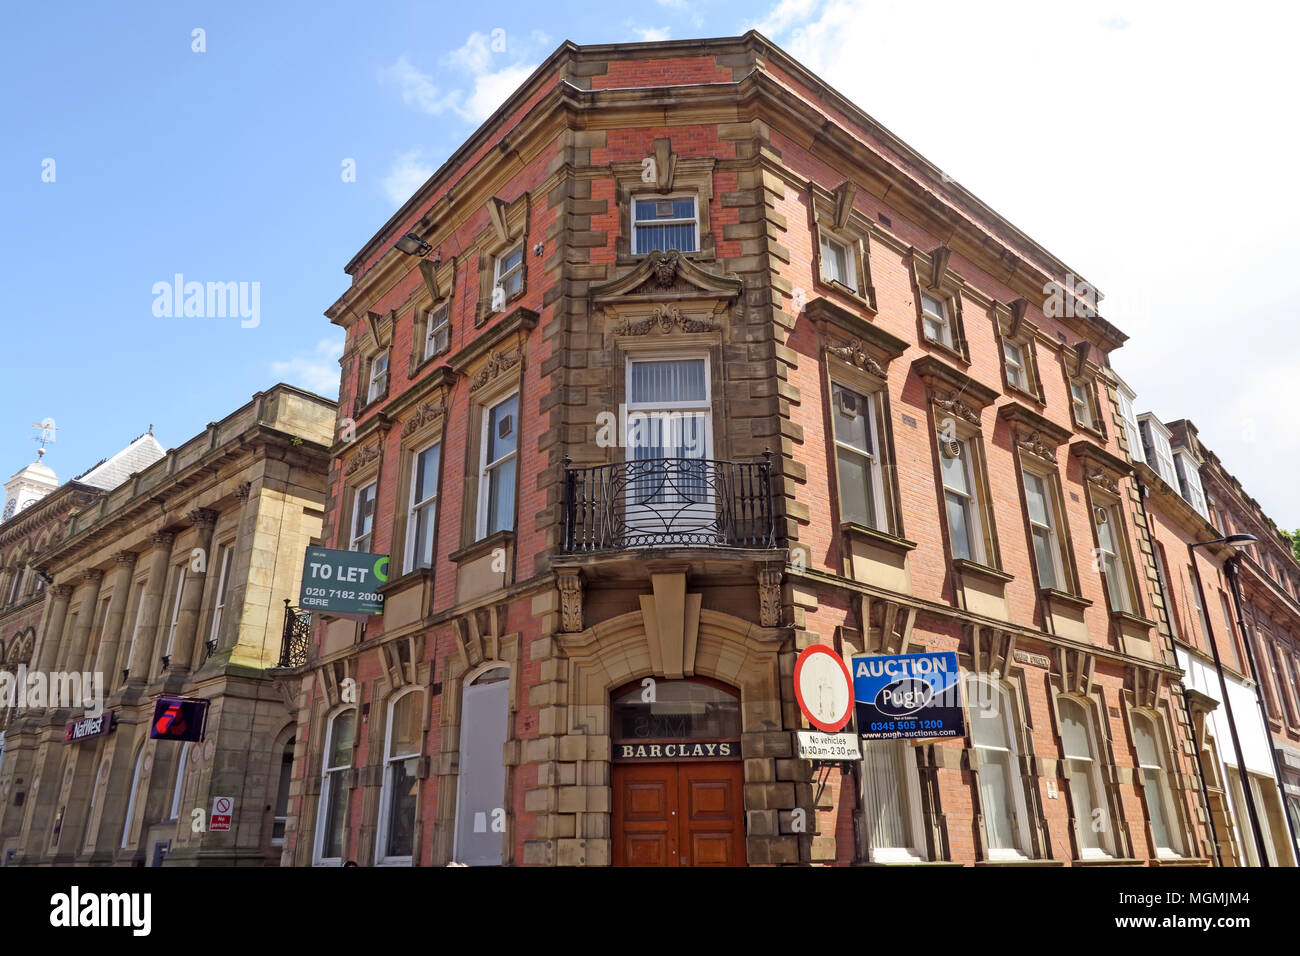 Laden Sie dieses Alamy Stockfoto Bank Verschlüsse Barclays Sankey St Warrington, Cheshire - MGMJM4